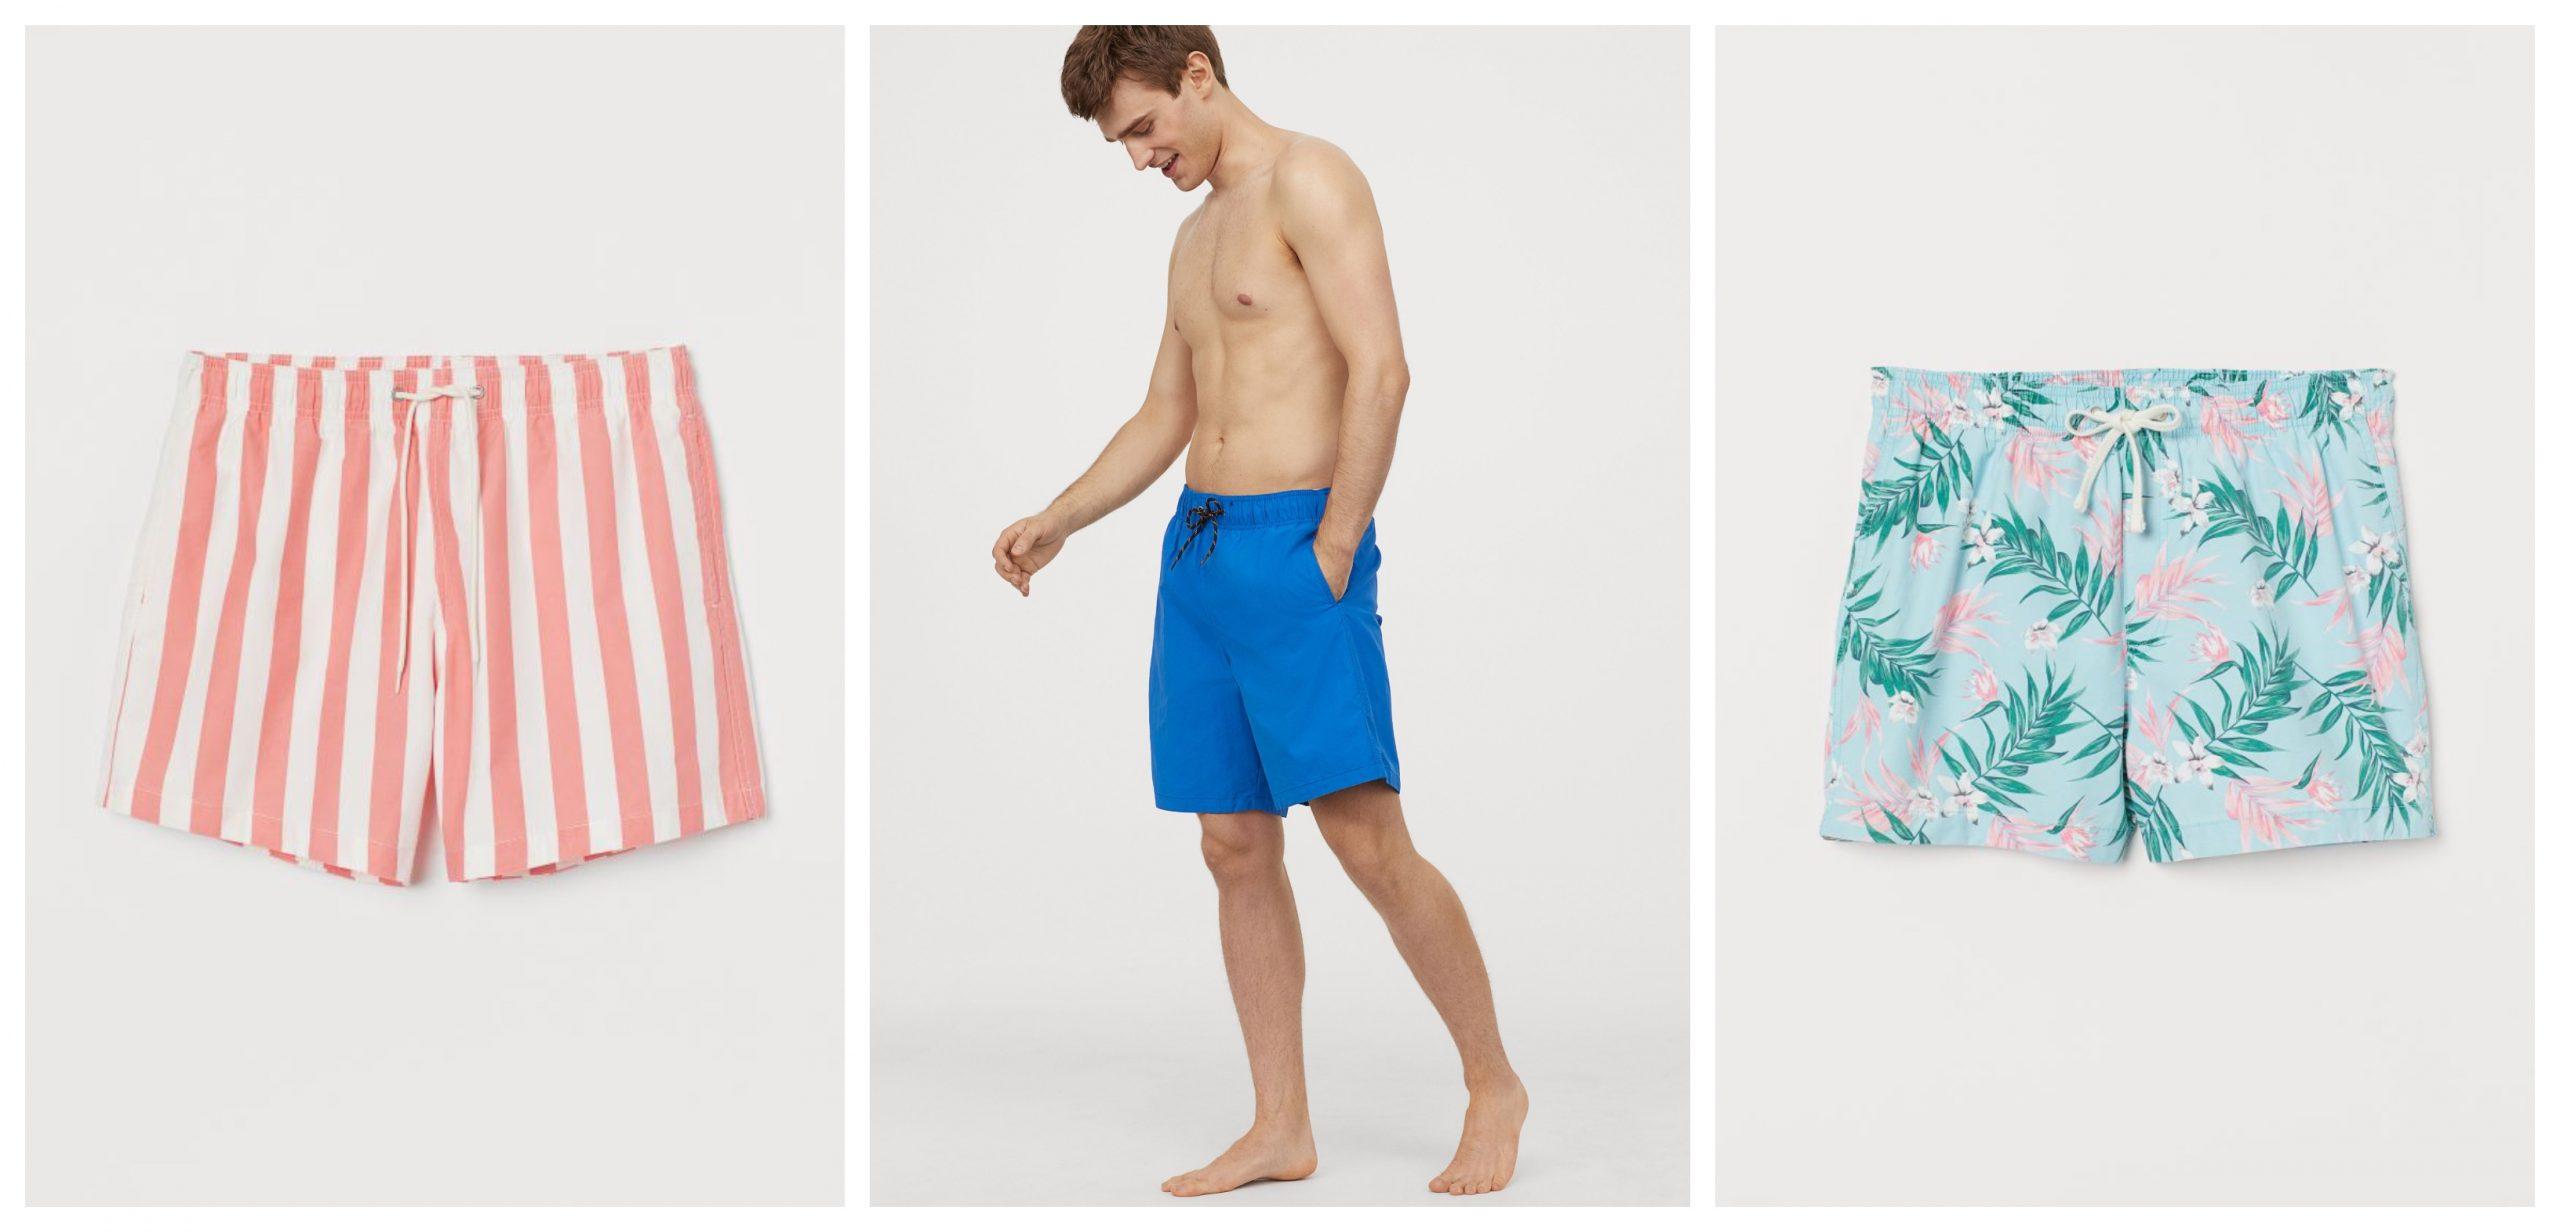 3 bañadores de H&M rebajados este verano con diferentes estampados y colores.